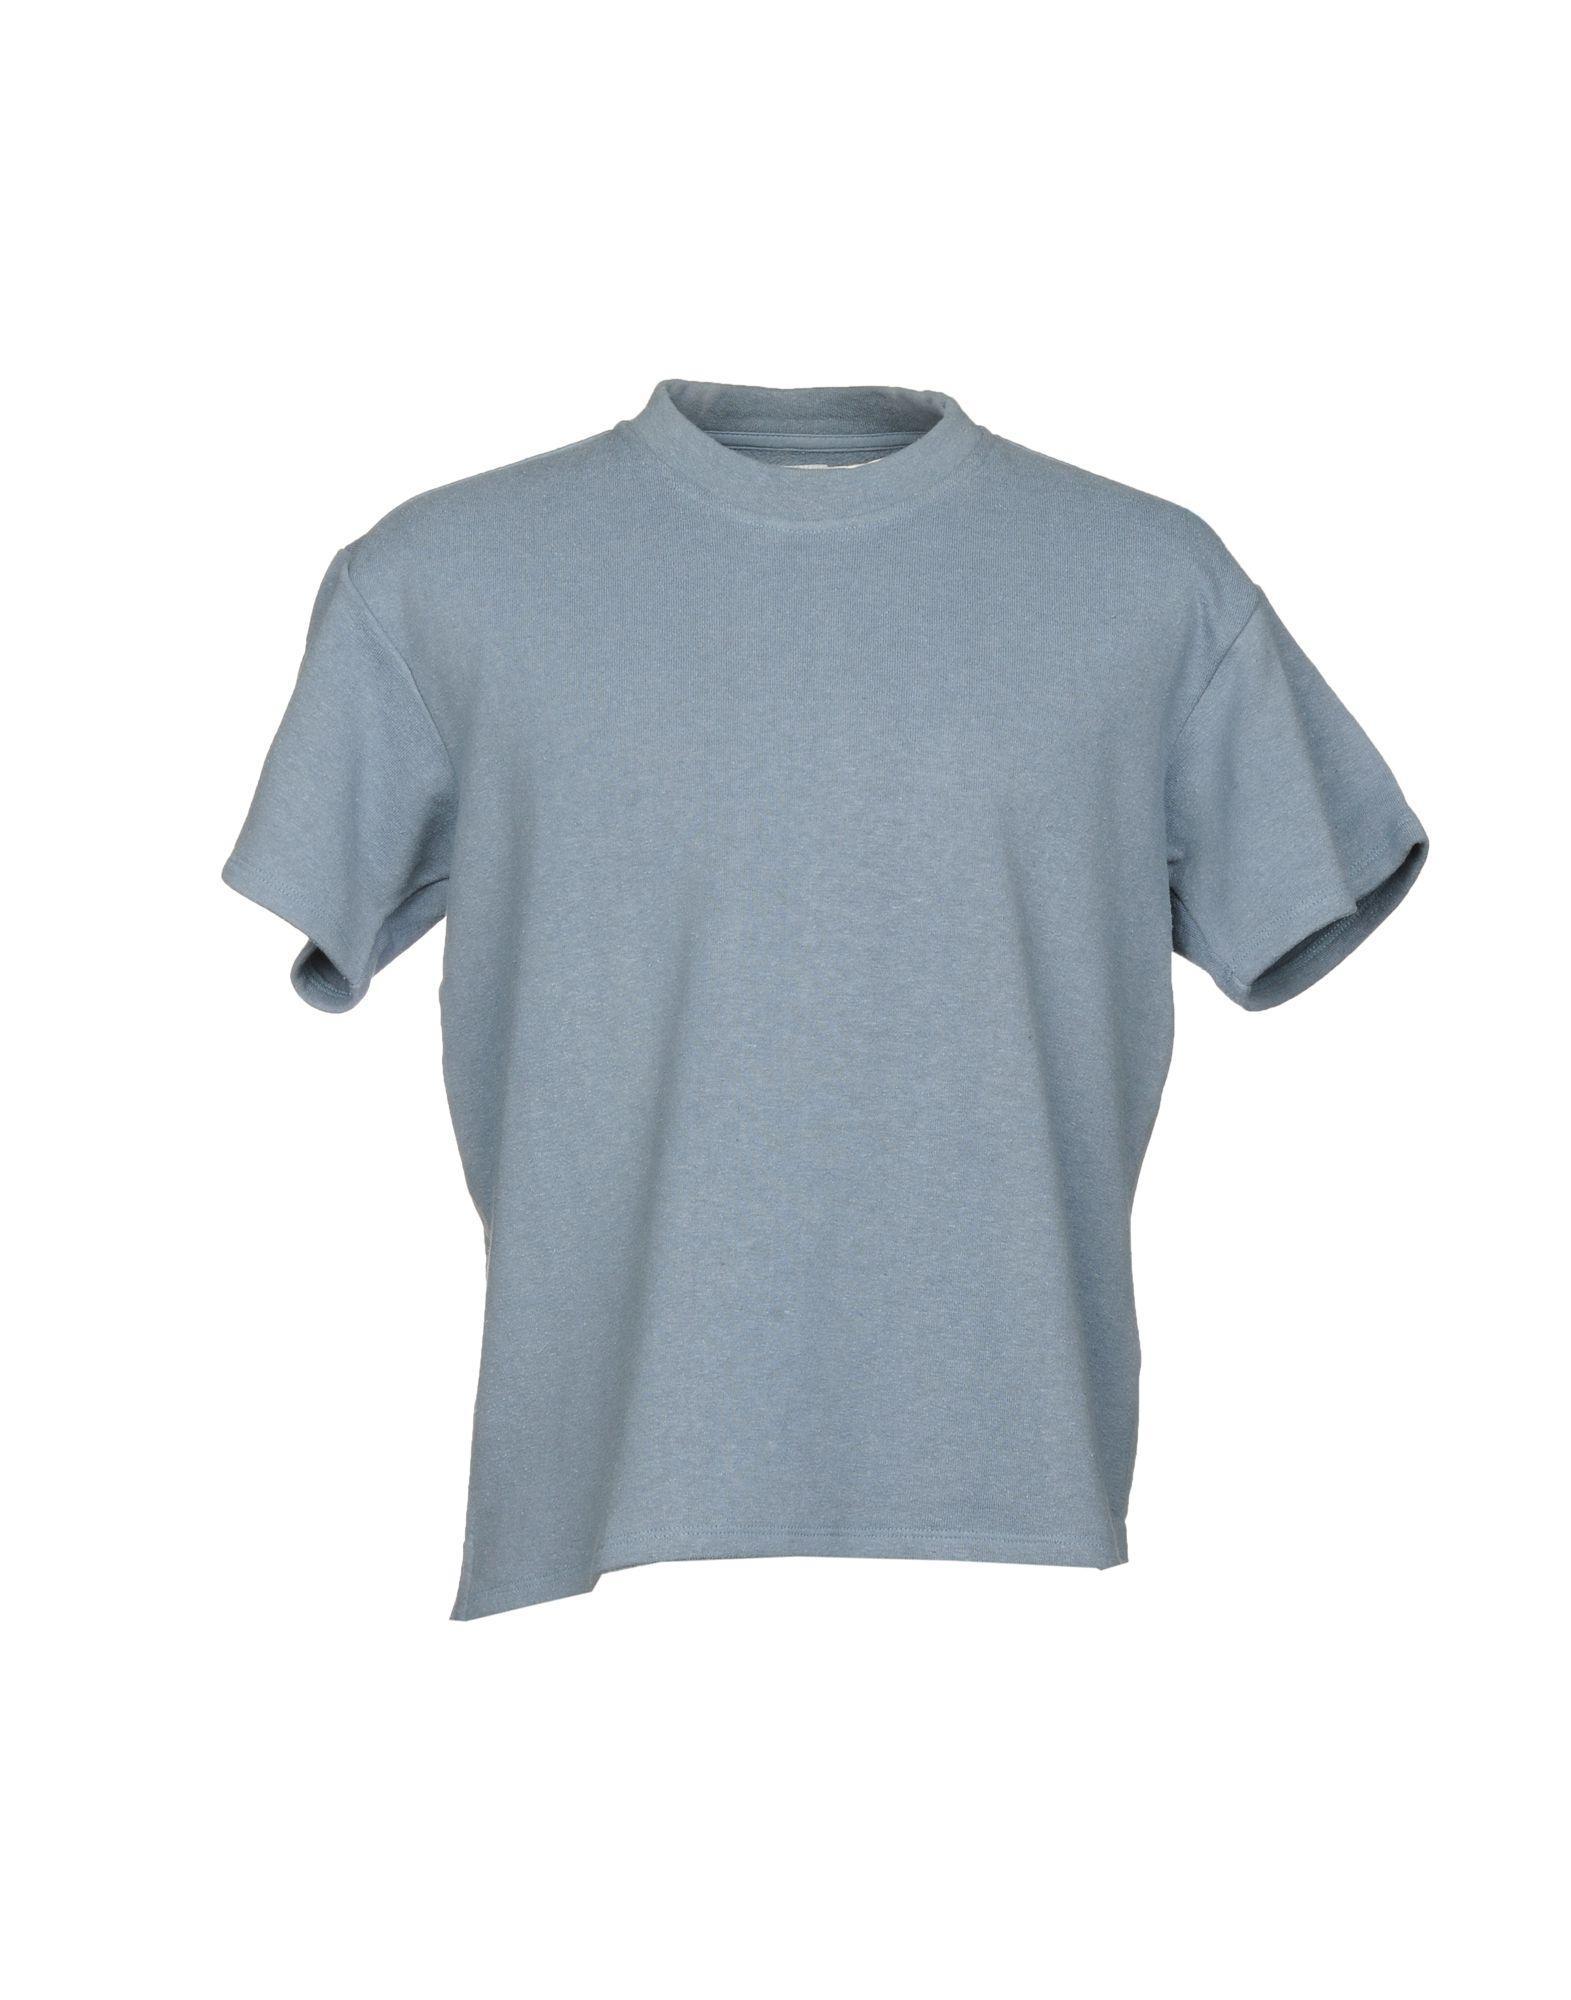 Fanmail Sweatshirt In Slate Blue